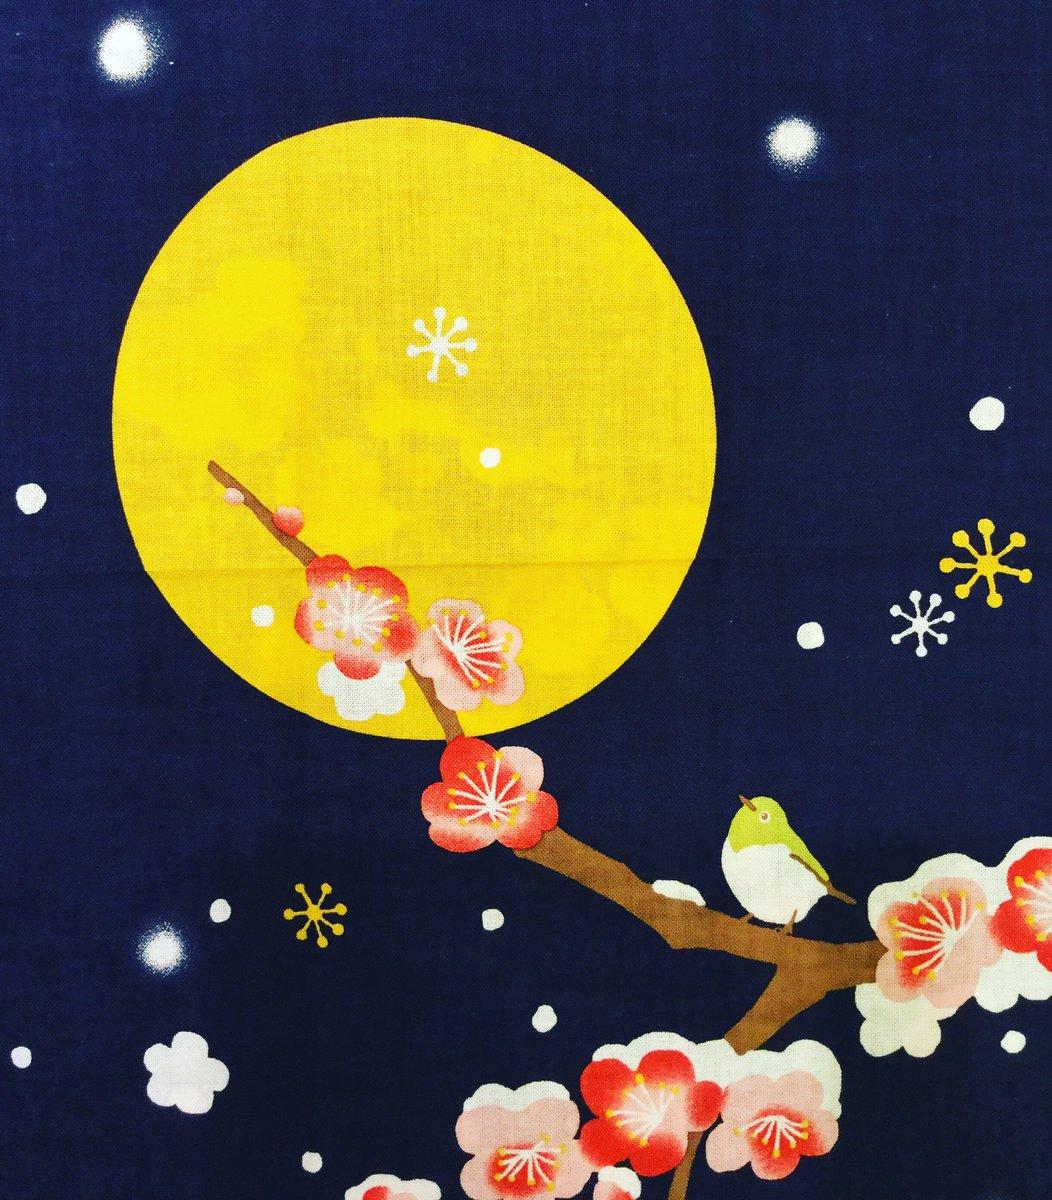 """チューブ 溶岩 月に""""宝の洞窟""""が!? 無限の可能性を秘めた地下に続く「スカイライト(天窓)」"""